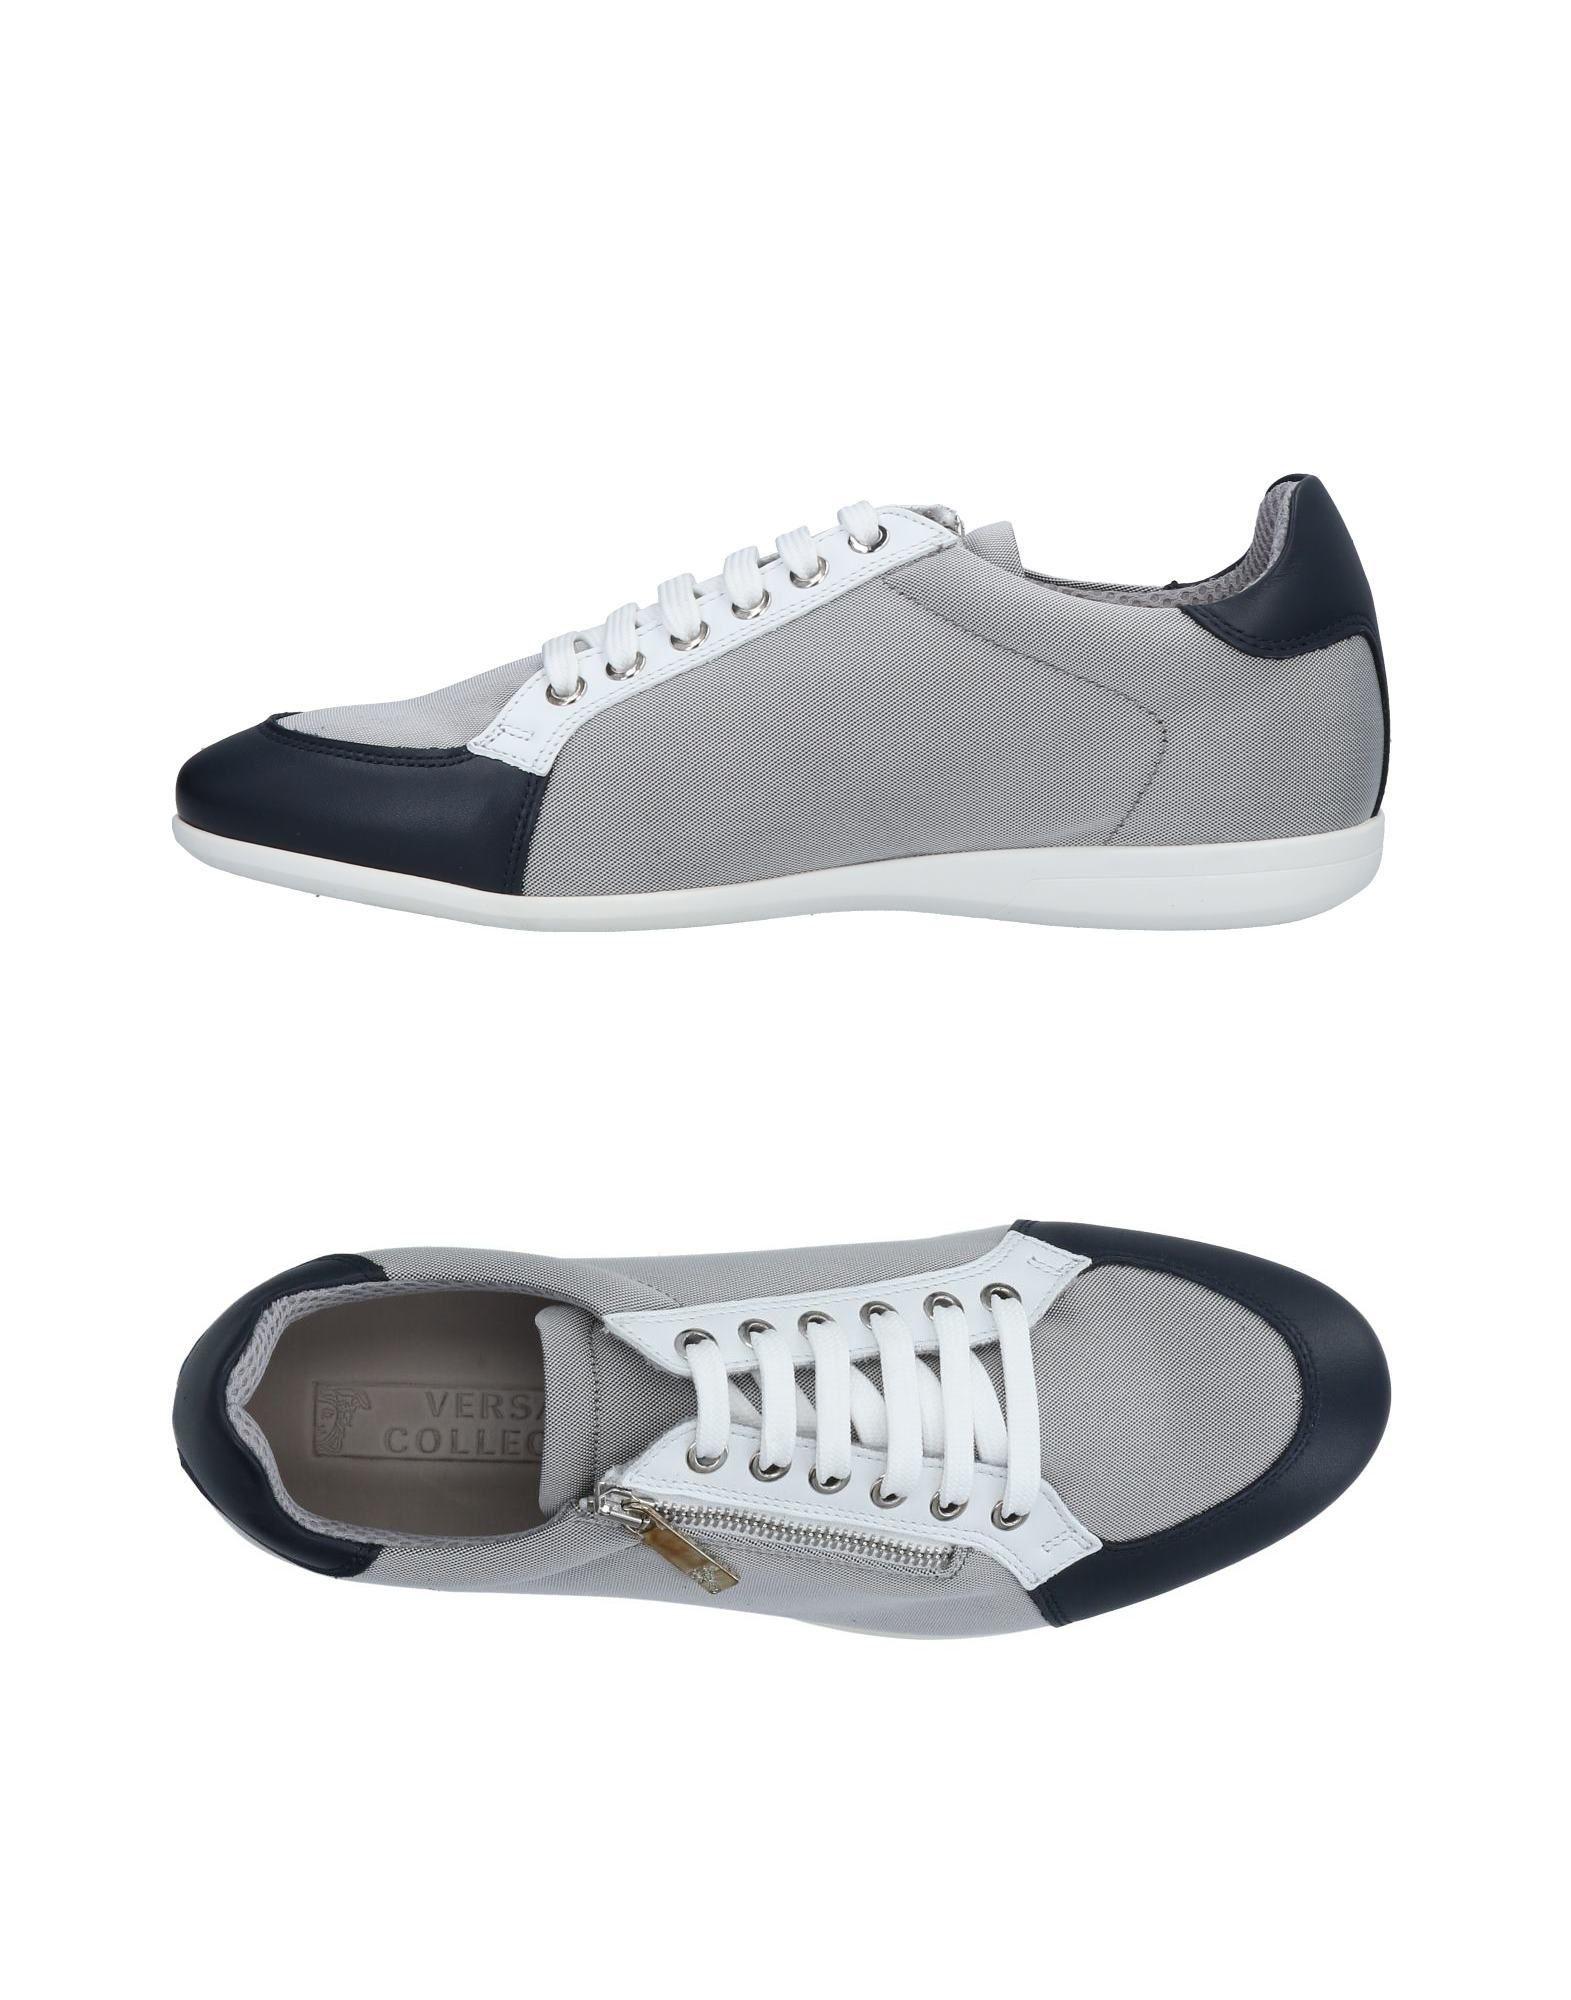 Versace Collection Collection Versace Sneakers Herren  11475107WU 163c31